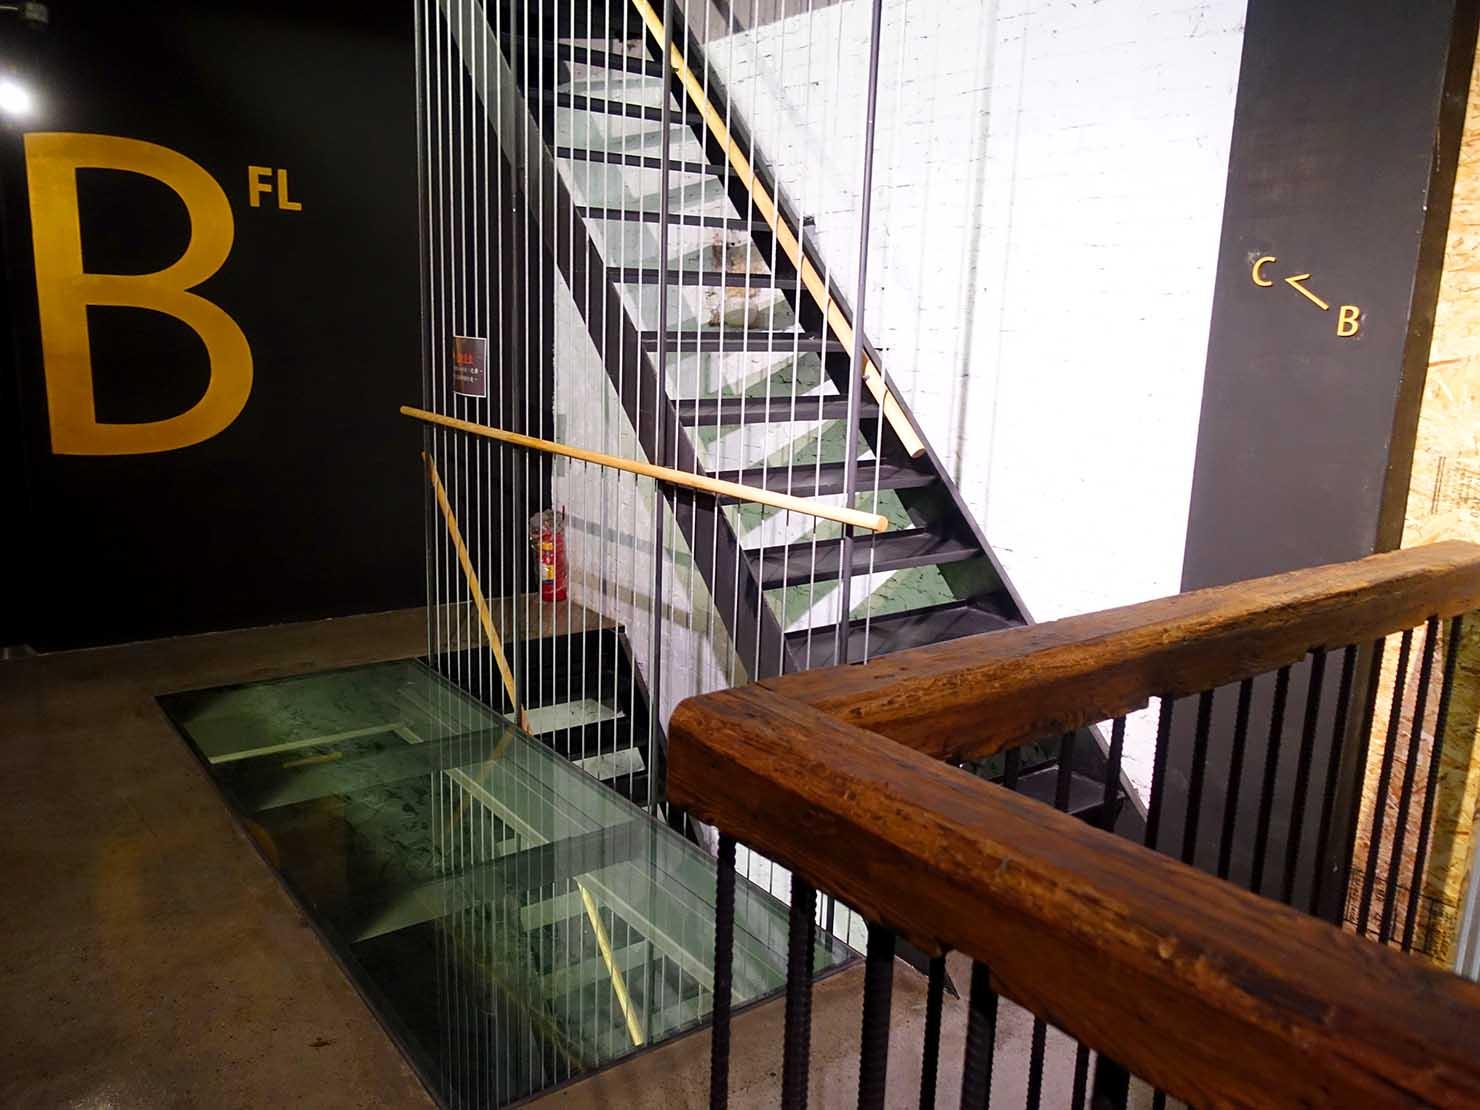 台中駅徒歩10分のリーズナブルなおすすめミニホテル「光原宿 Light House」の階段